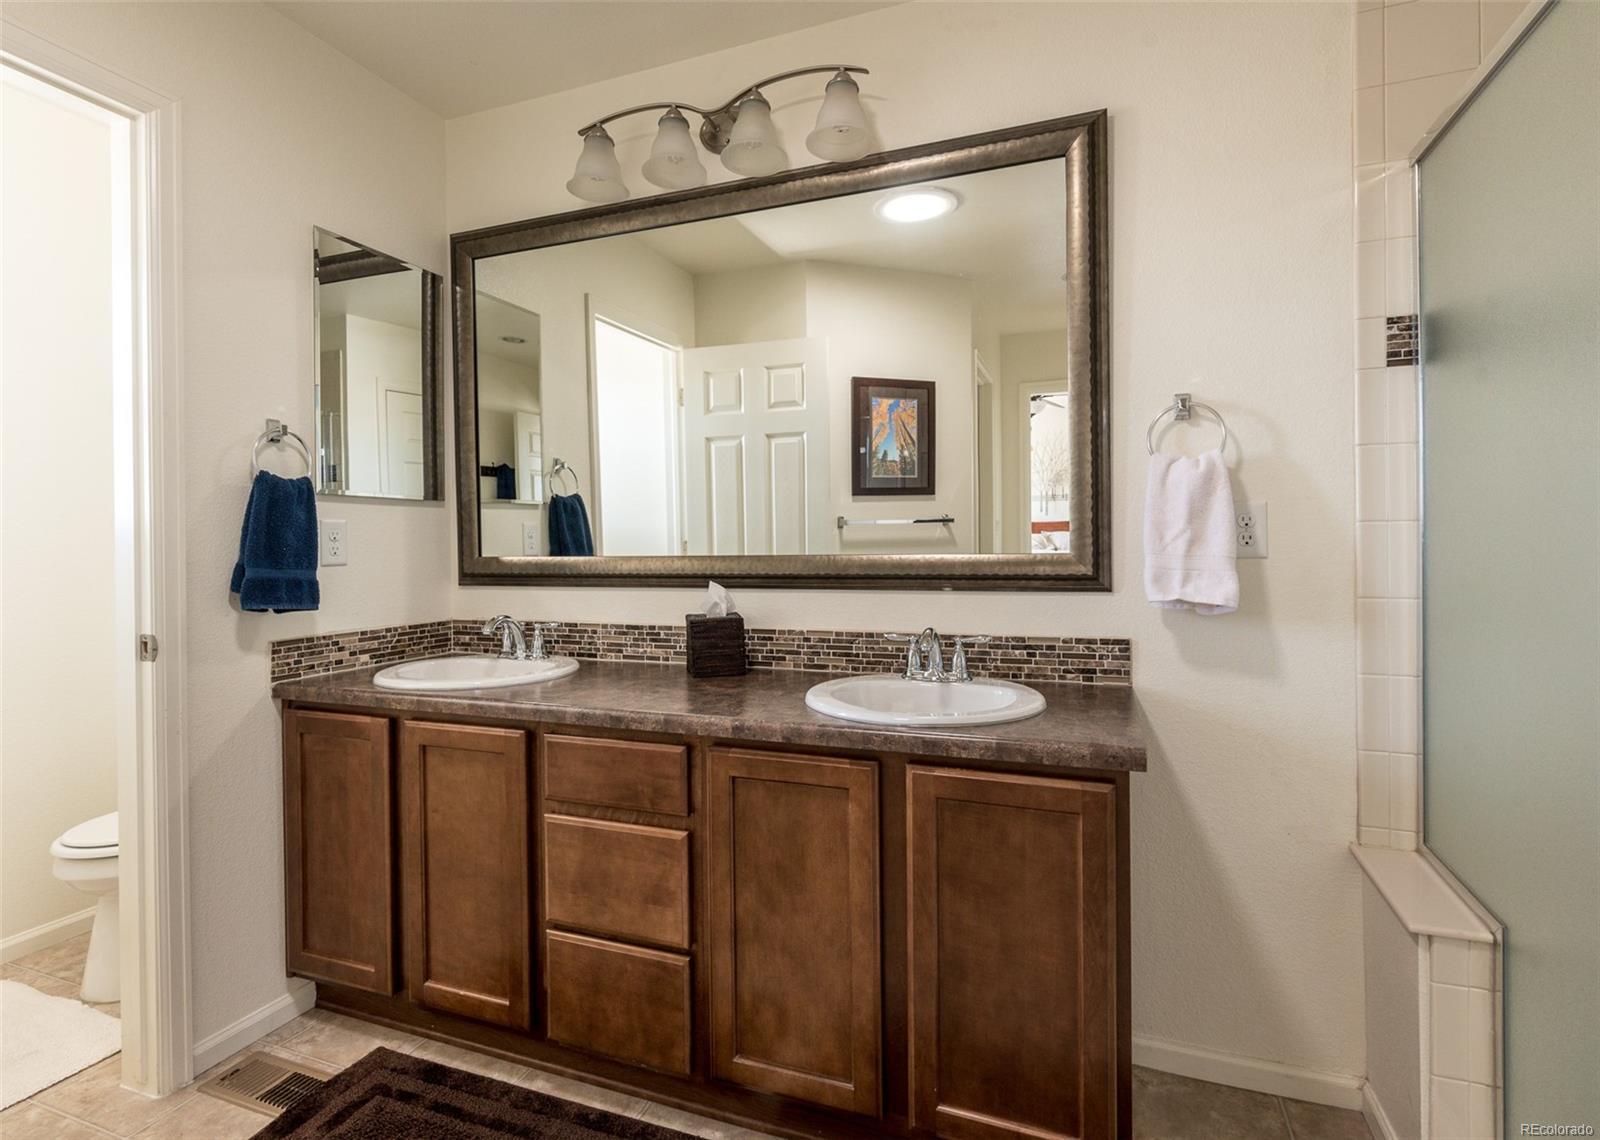 Daul vanity sinks and separate toilet room